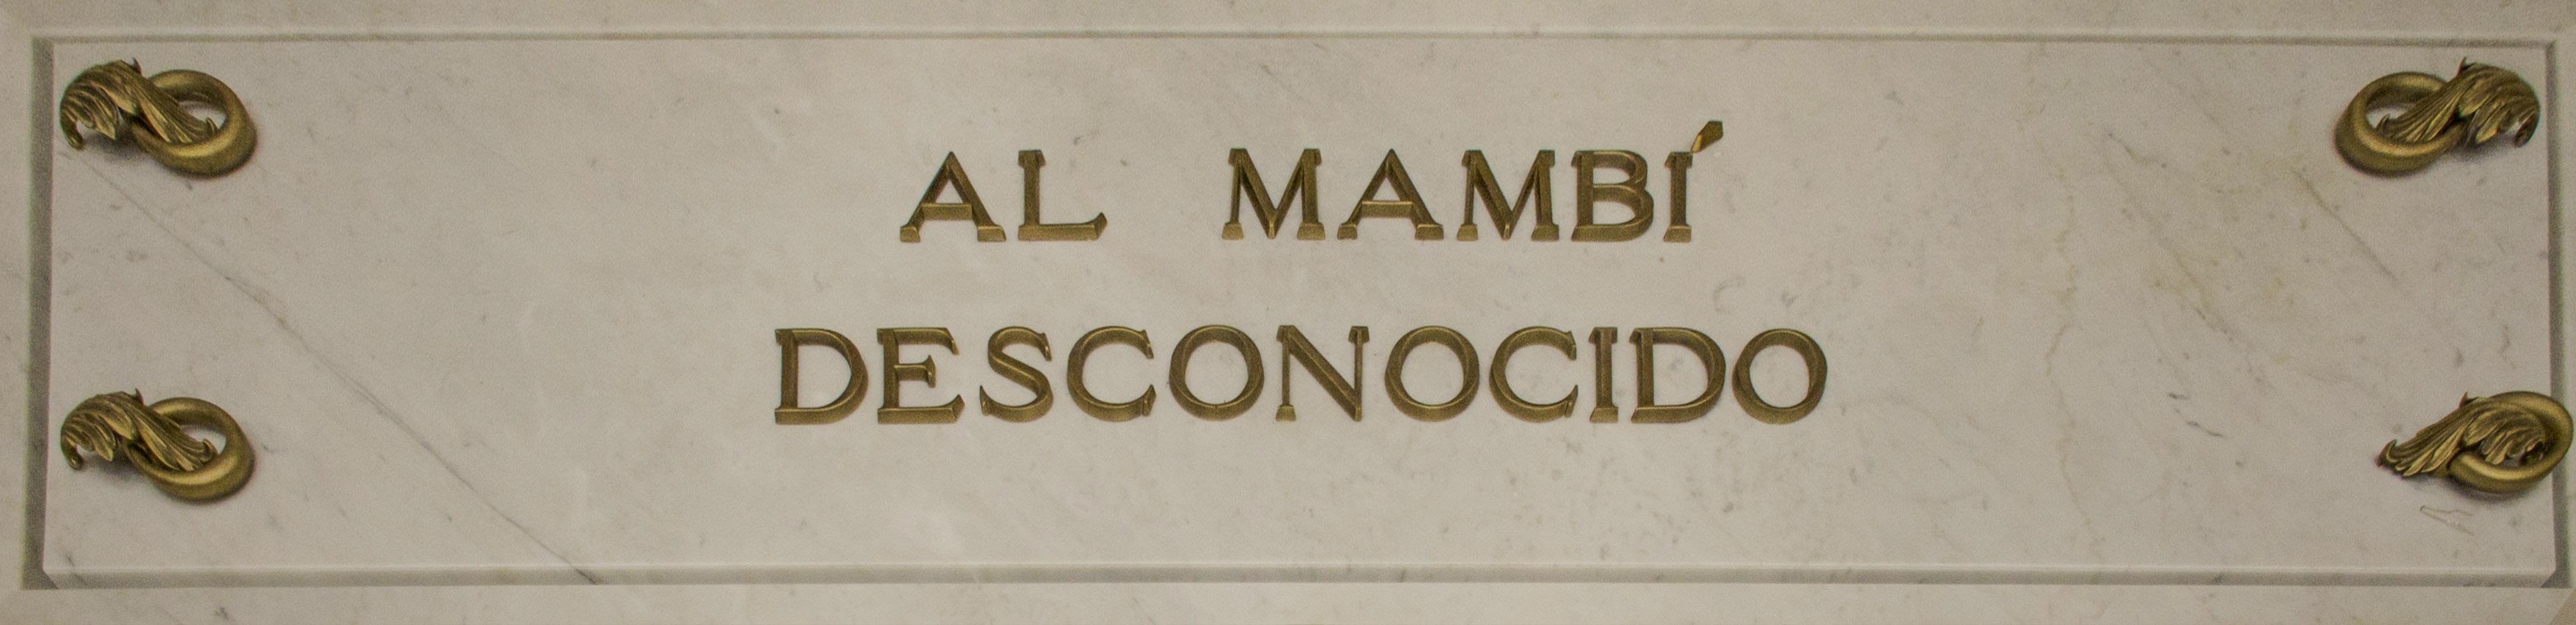 15. Inscripción del sarcófago de mármol.